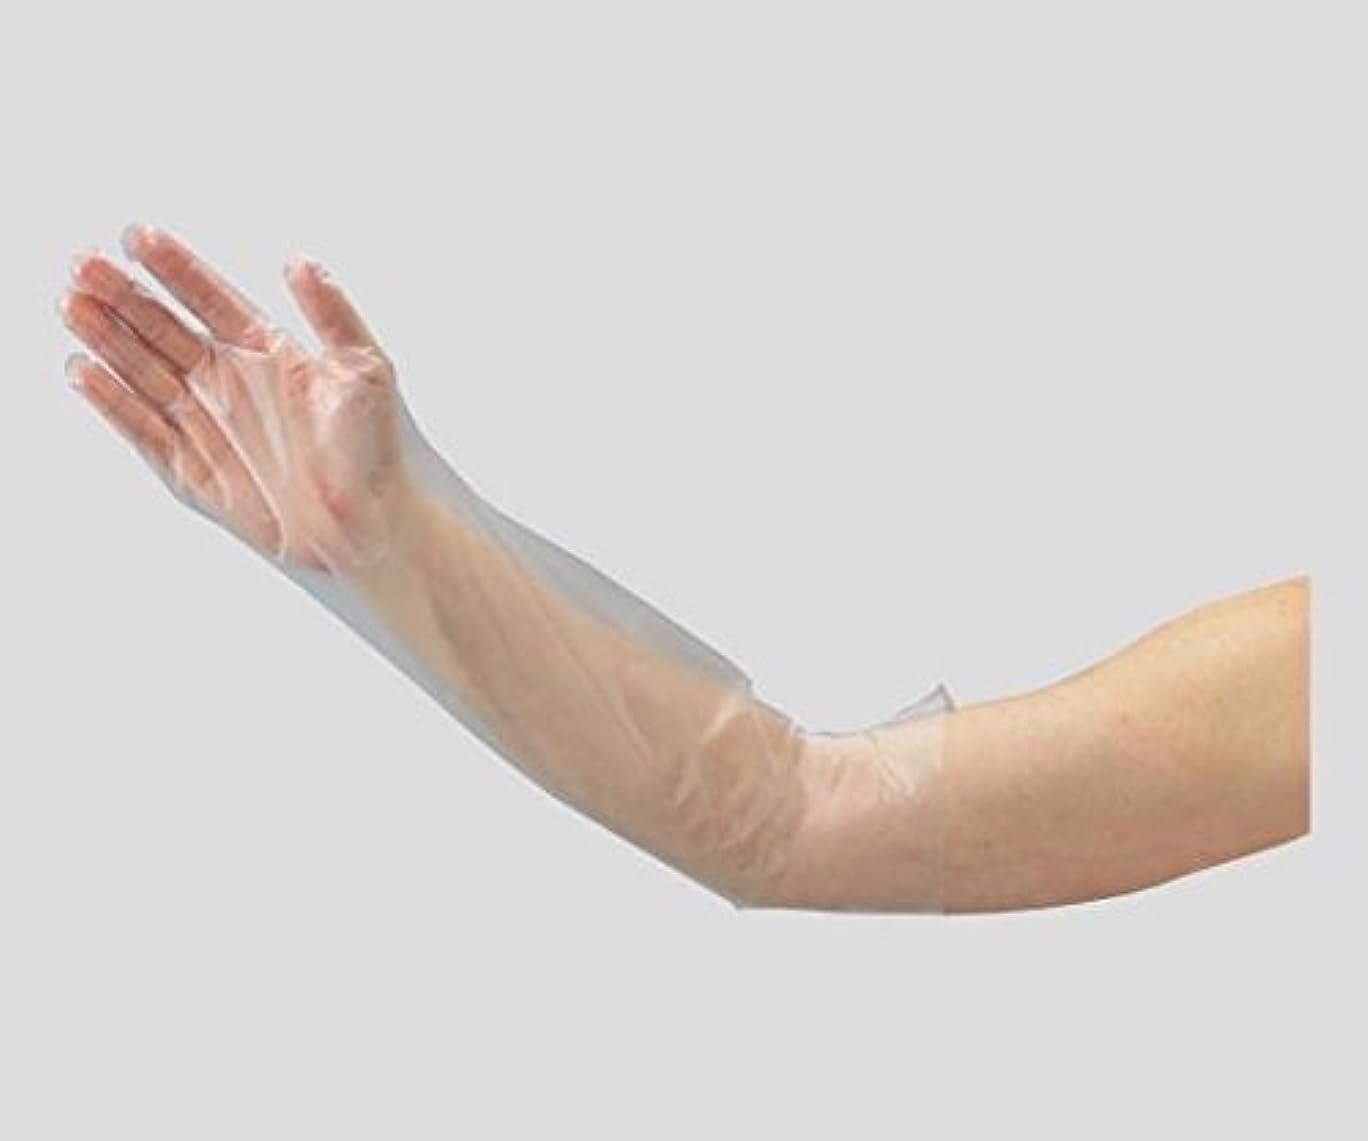 ビスケットインゲンのスコア2-9757-02ポリエチレンロング手袋(ひじピタ)M100枚入